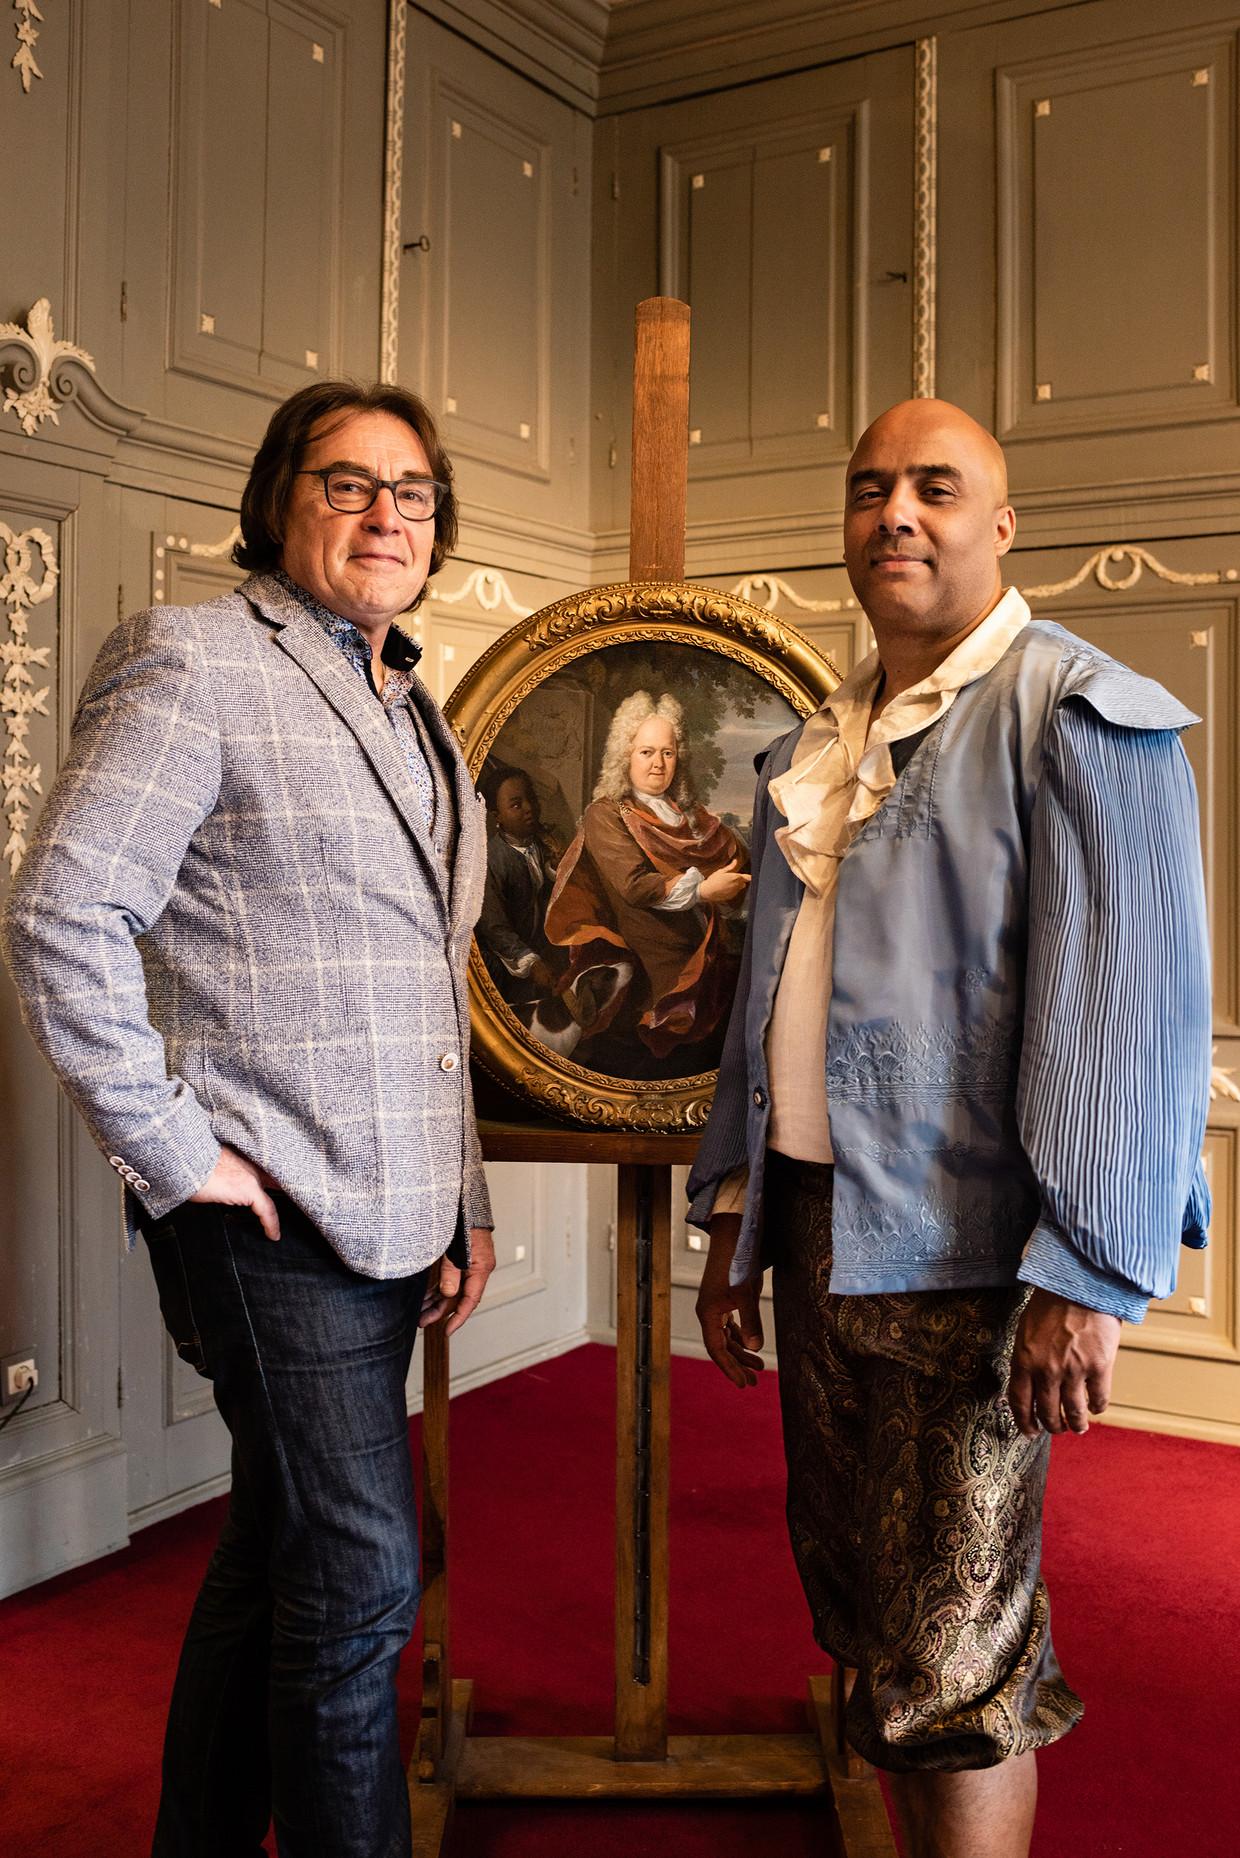 Museumdirecteur Ad Geerdink van het Westfries Museum (links) en Julian Wijnstein. Die laatste vertolkt het perspectief van een 18de-eeuwse slaafgemaakte bij 'vertelwandelingen' door Hoorn.